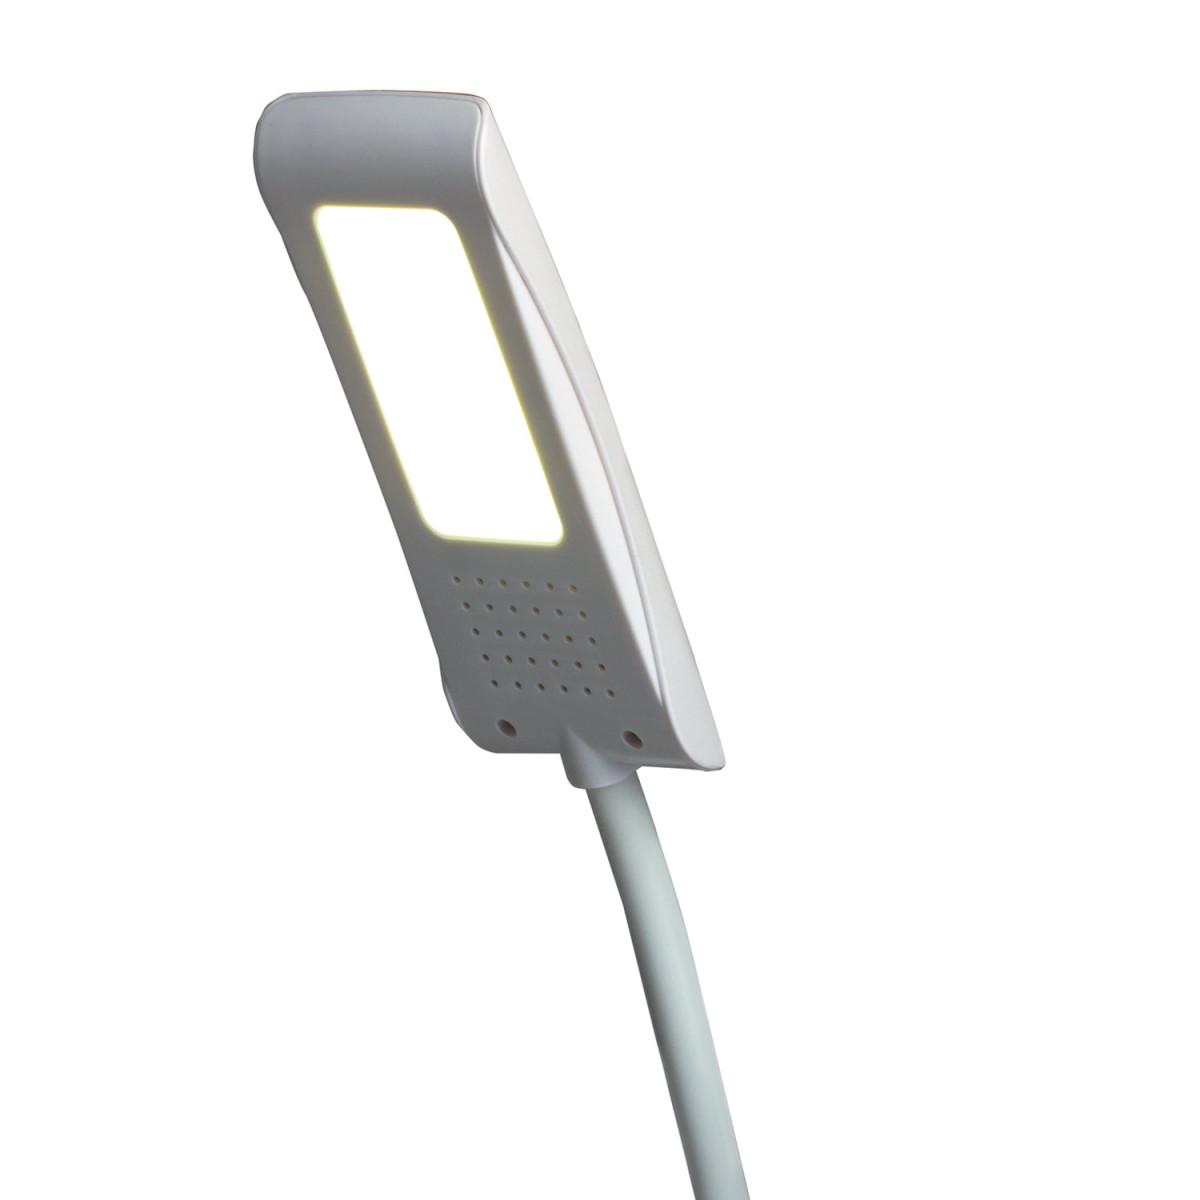 Светильник настольный SONNEN TL-LED-004-7W-12, на подставке, светодиодный, 7 Вт, 12 LED, белый, 235541 (арт. 235541)